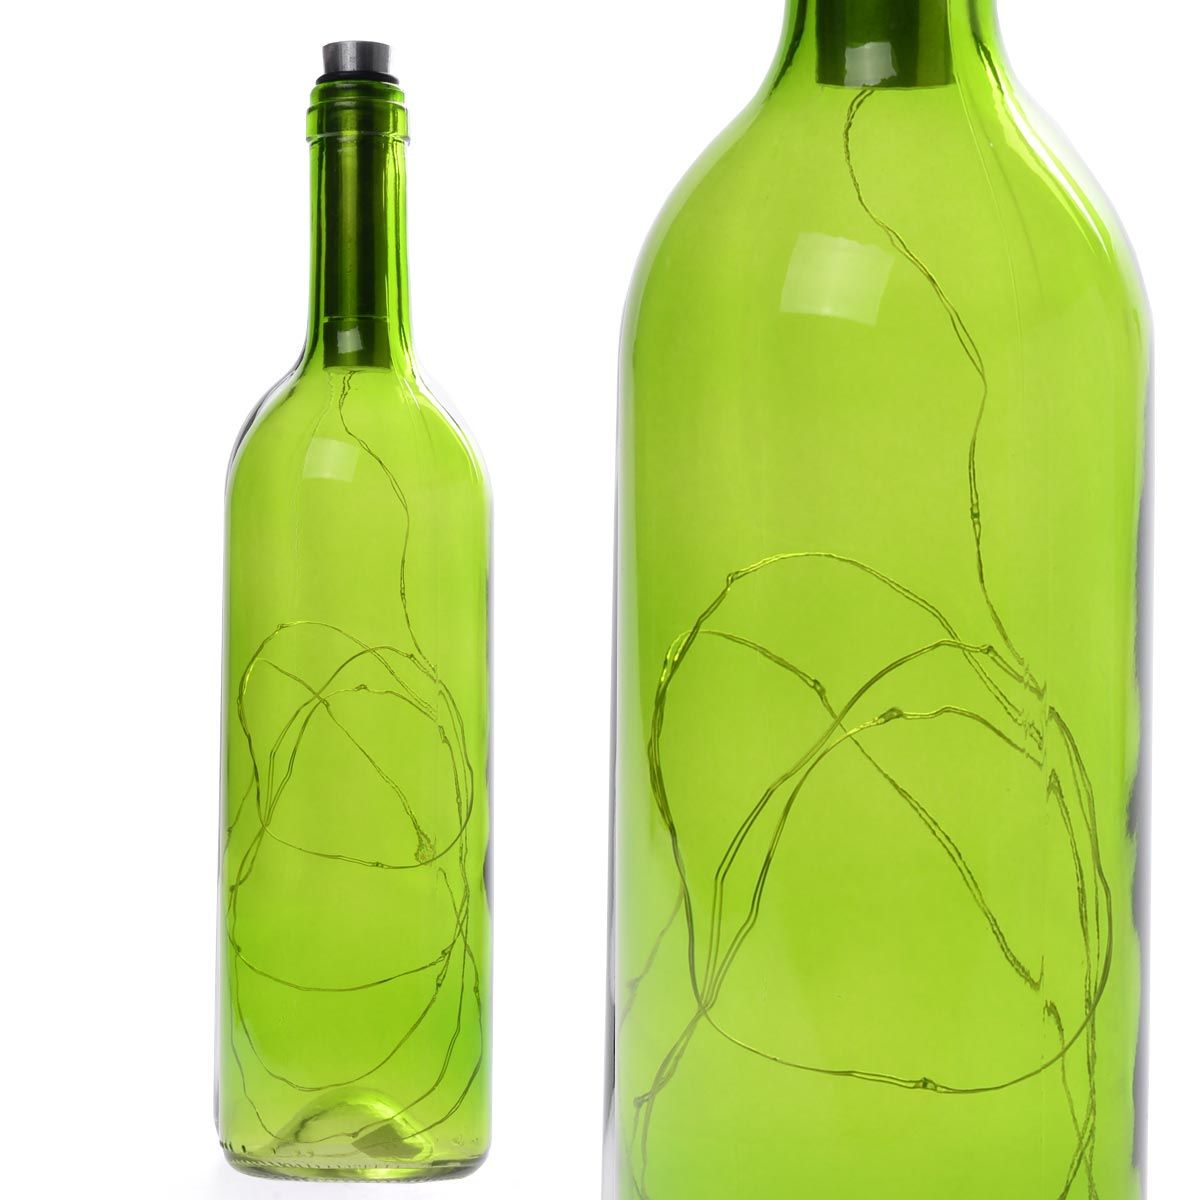 Διακοσμητικό φωτιστικό σε μπουκάλι κρασιού με LED φωτισμό - Πράσινο